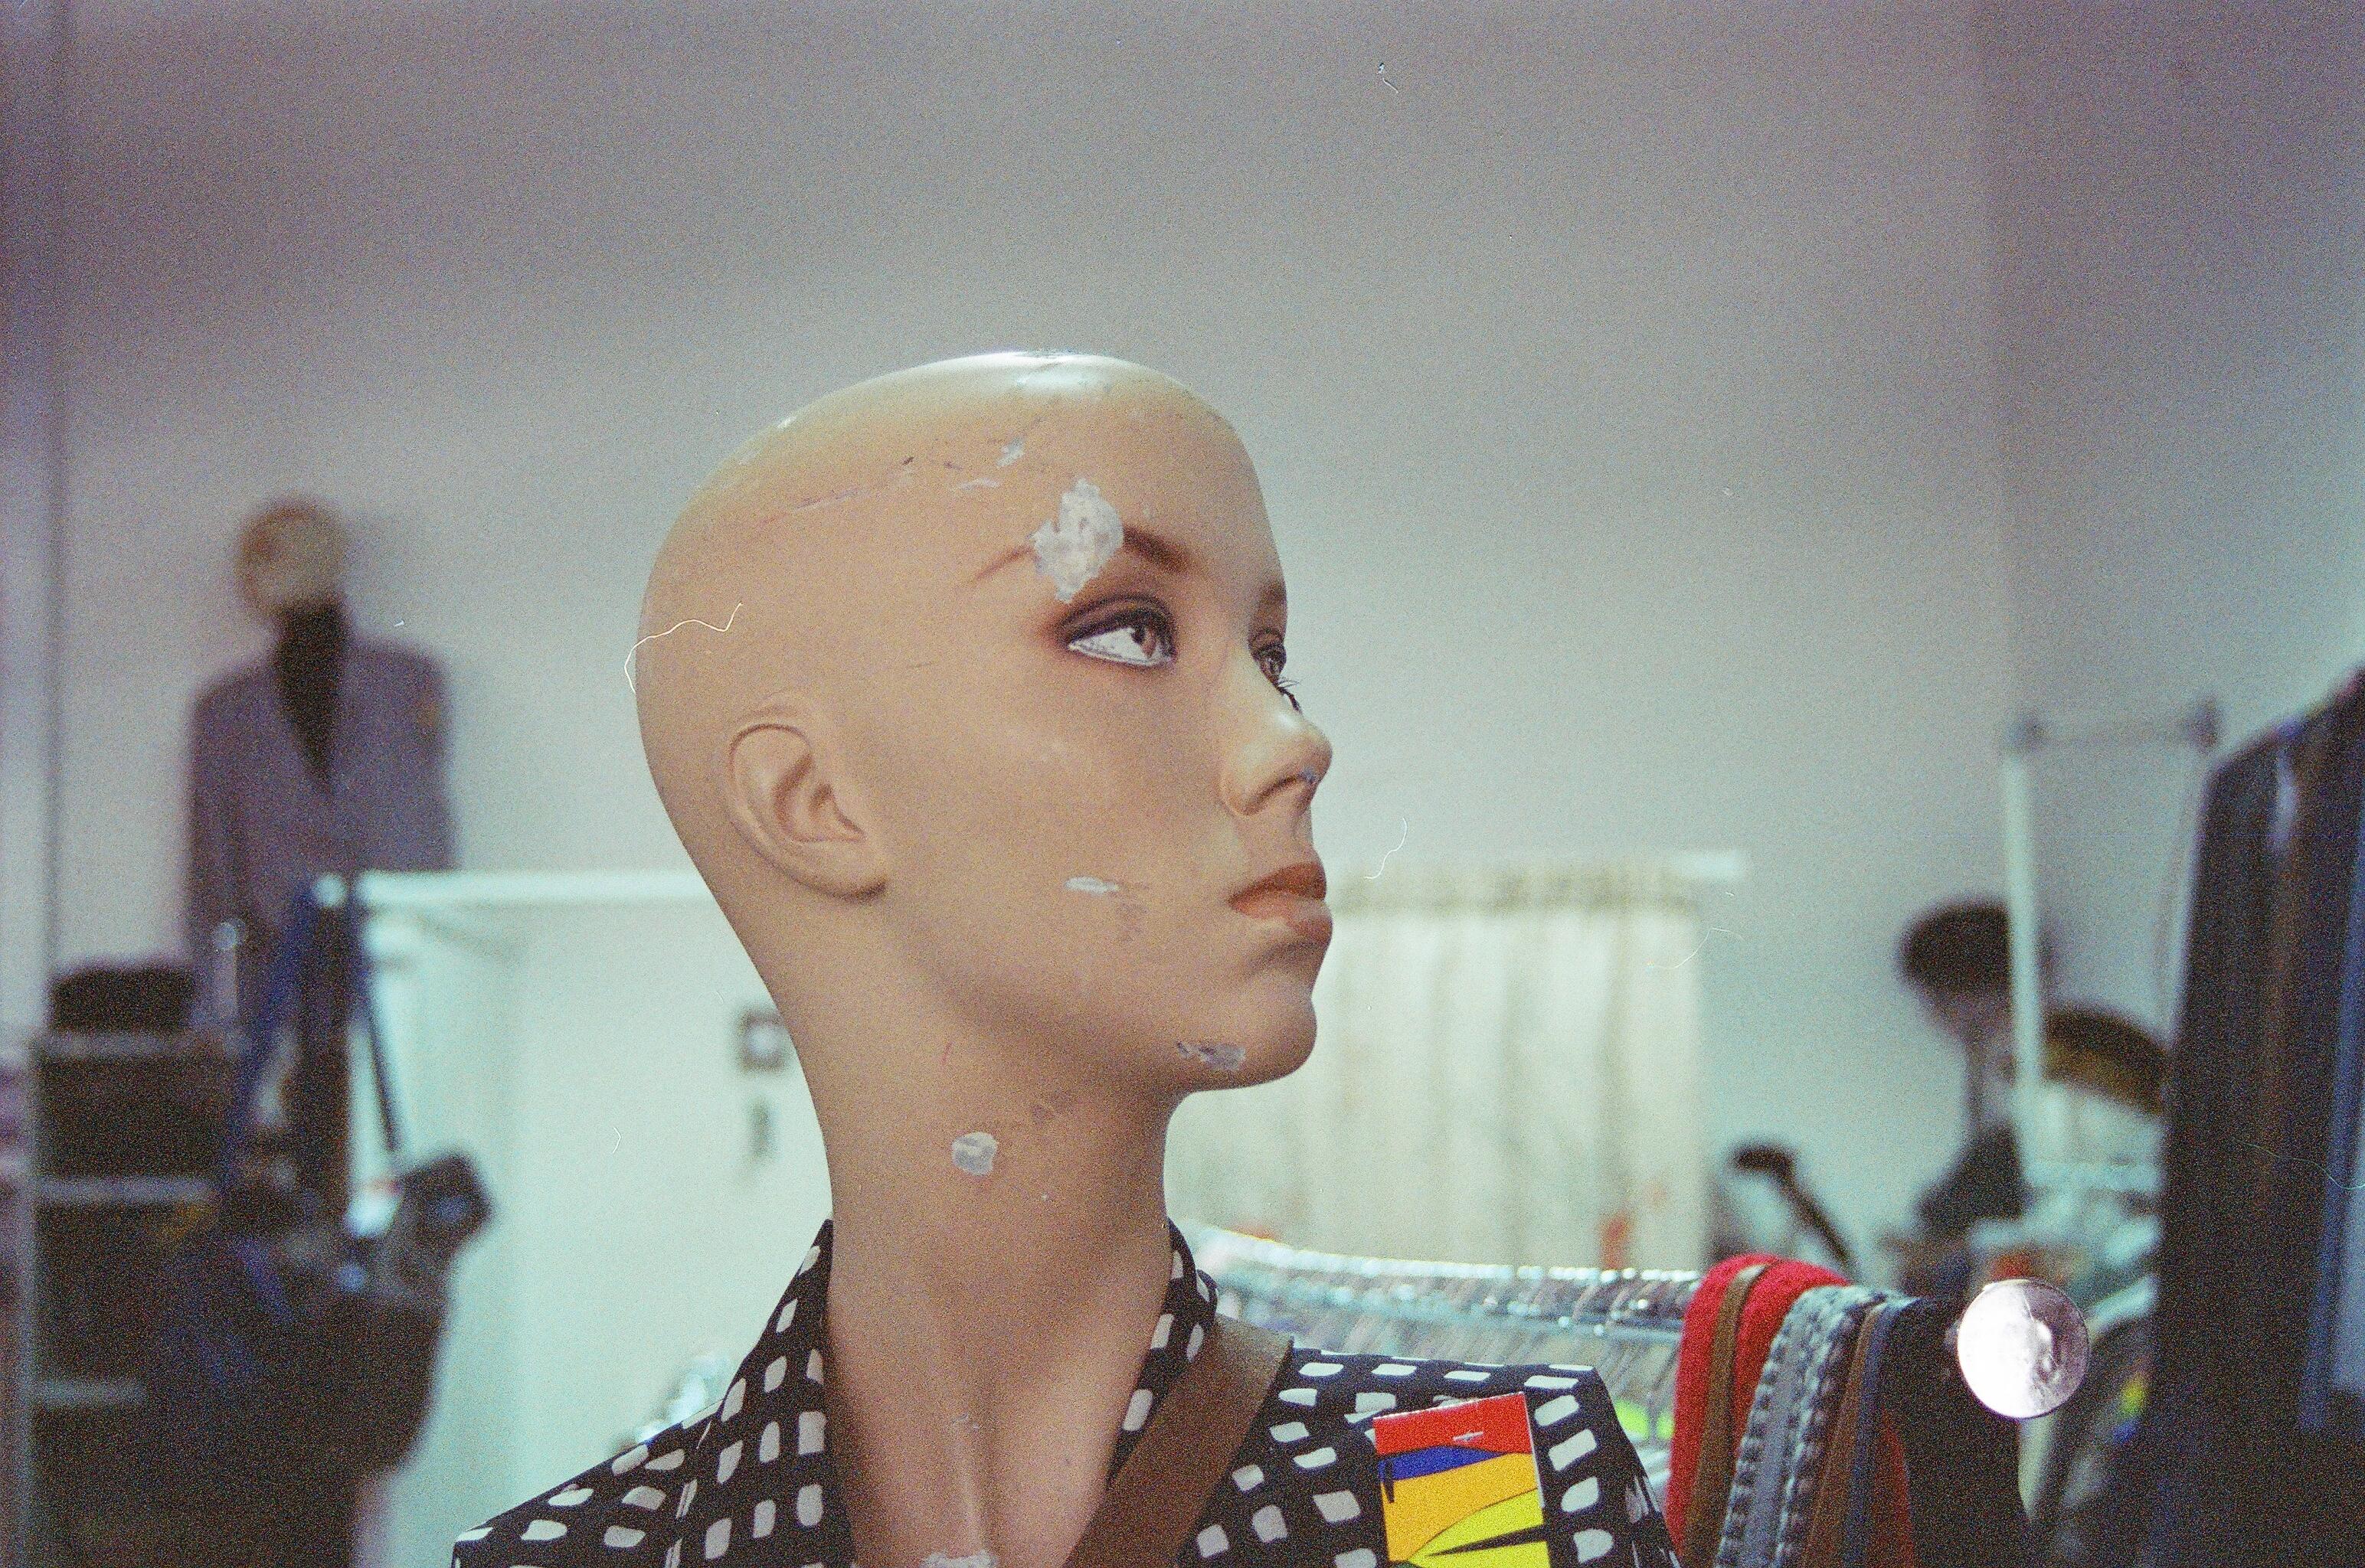 K'rd OpShop Mannequin